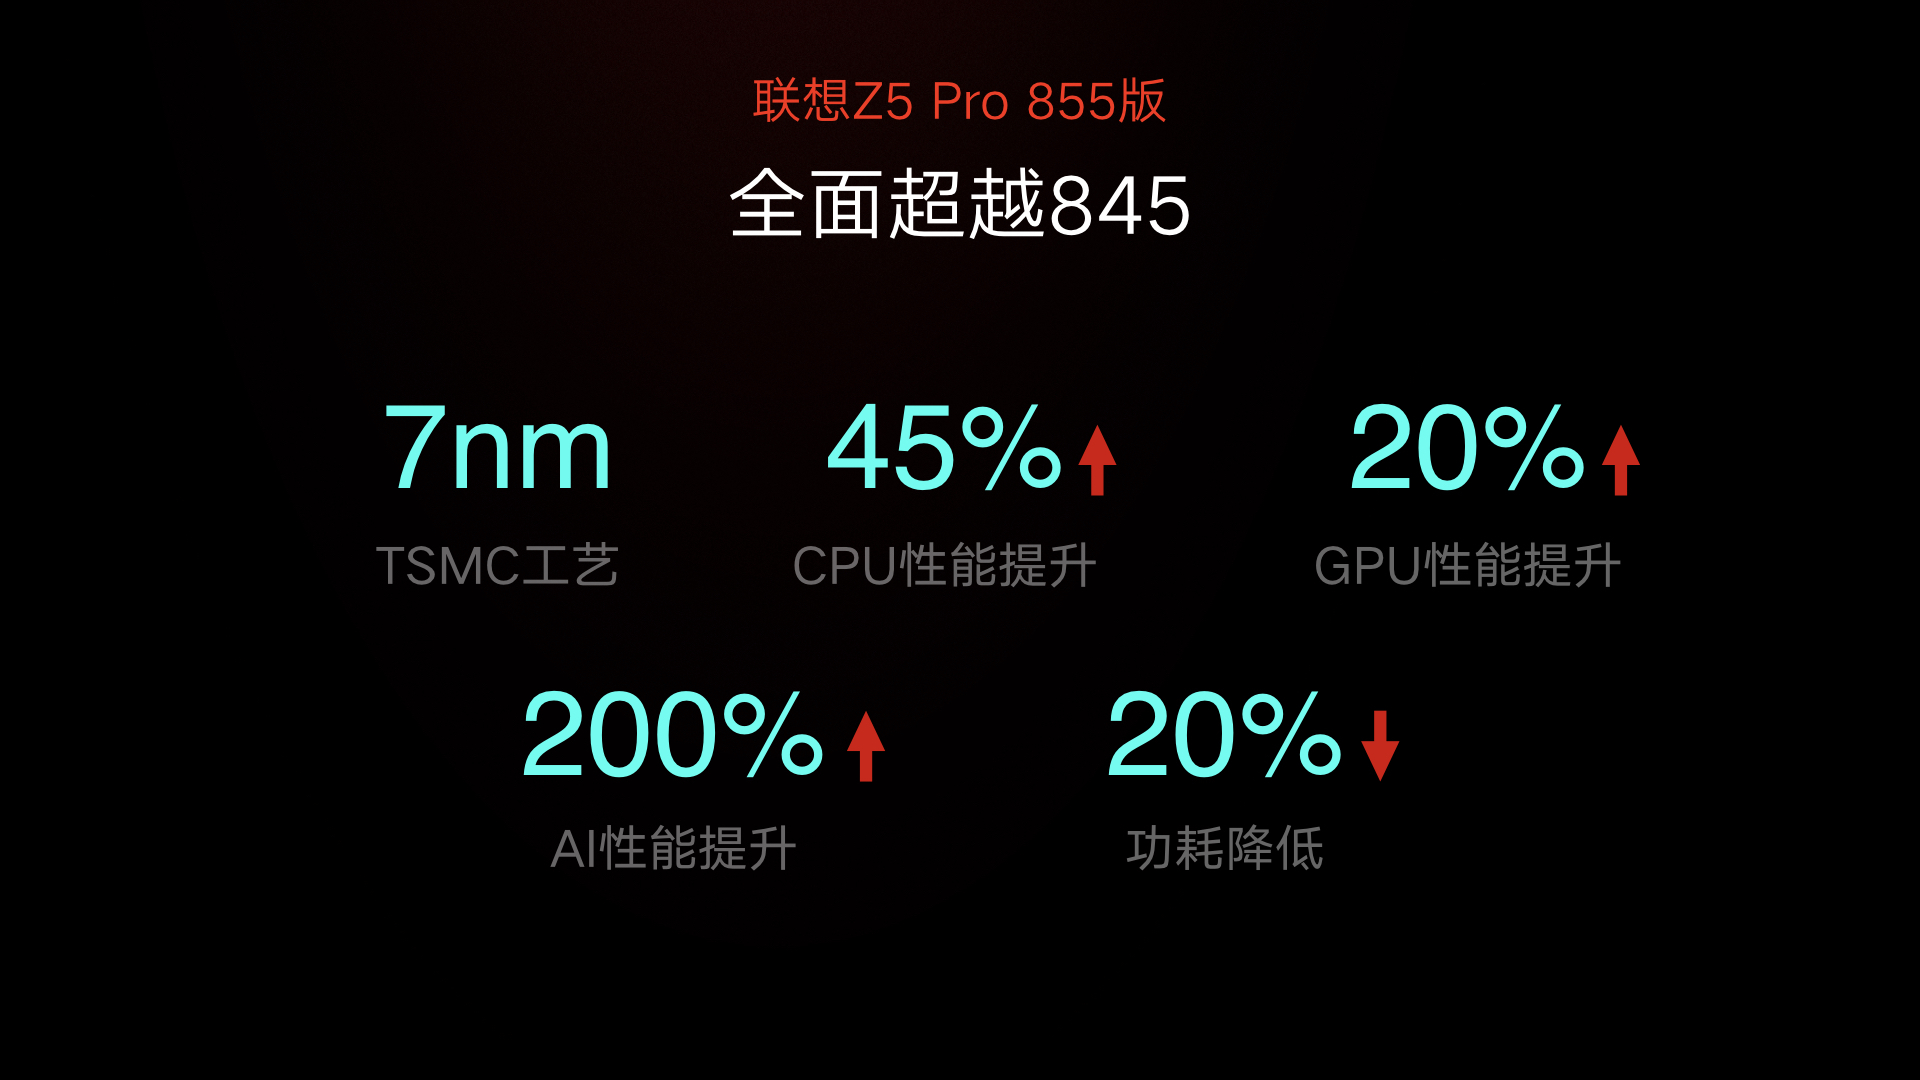 联想发布四款新机:朱一龙版颜值杀 骁龙855的照片 - 12